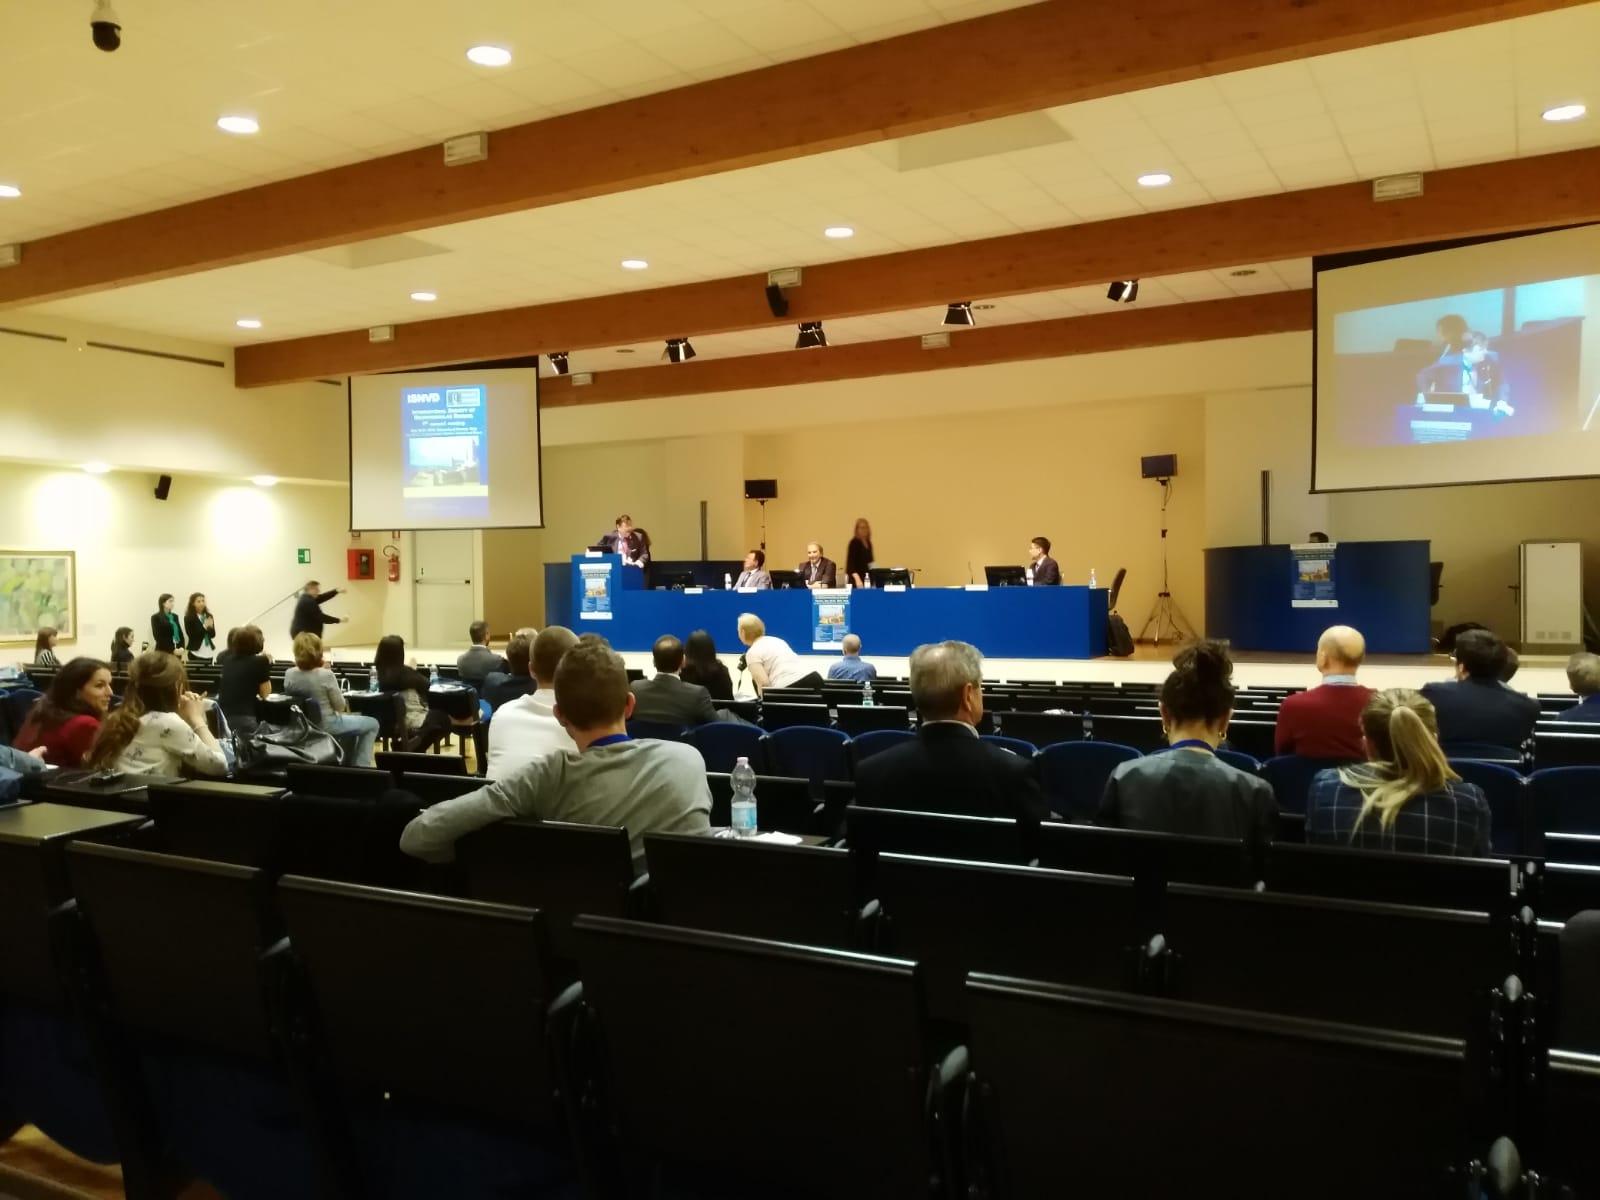 Pronti a tornare al Ministero della Salute per validare CCSVI nei LEA